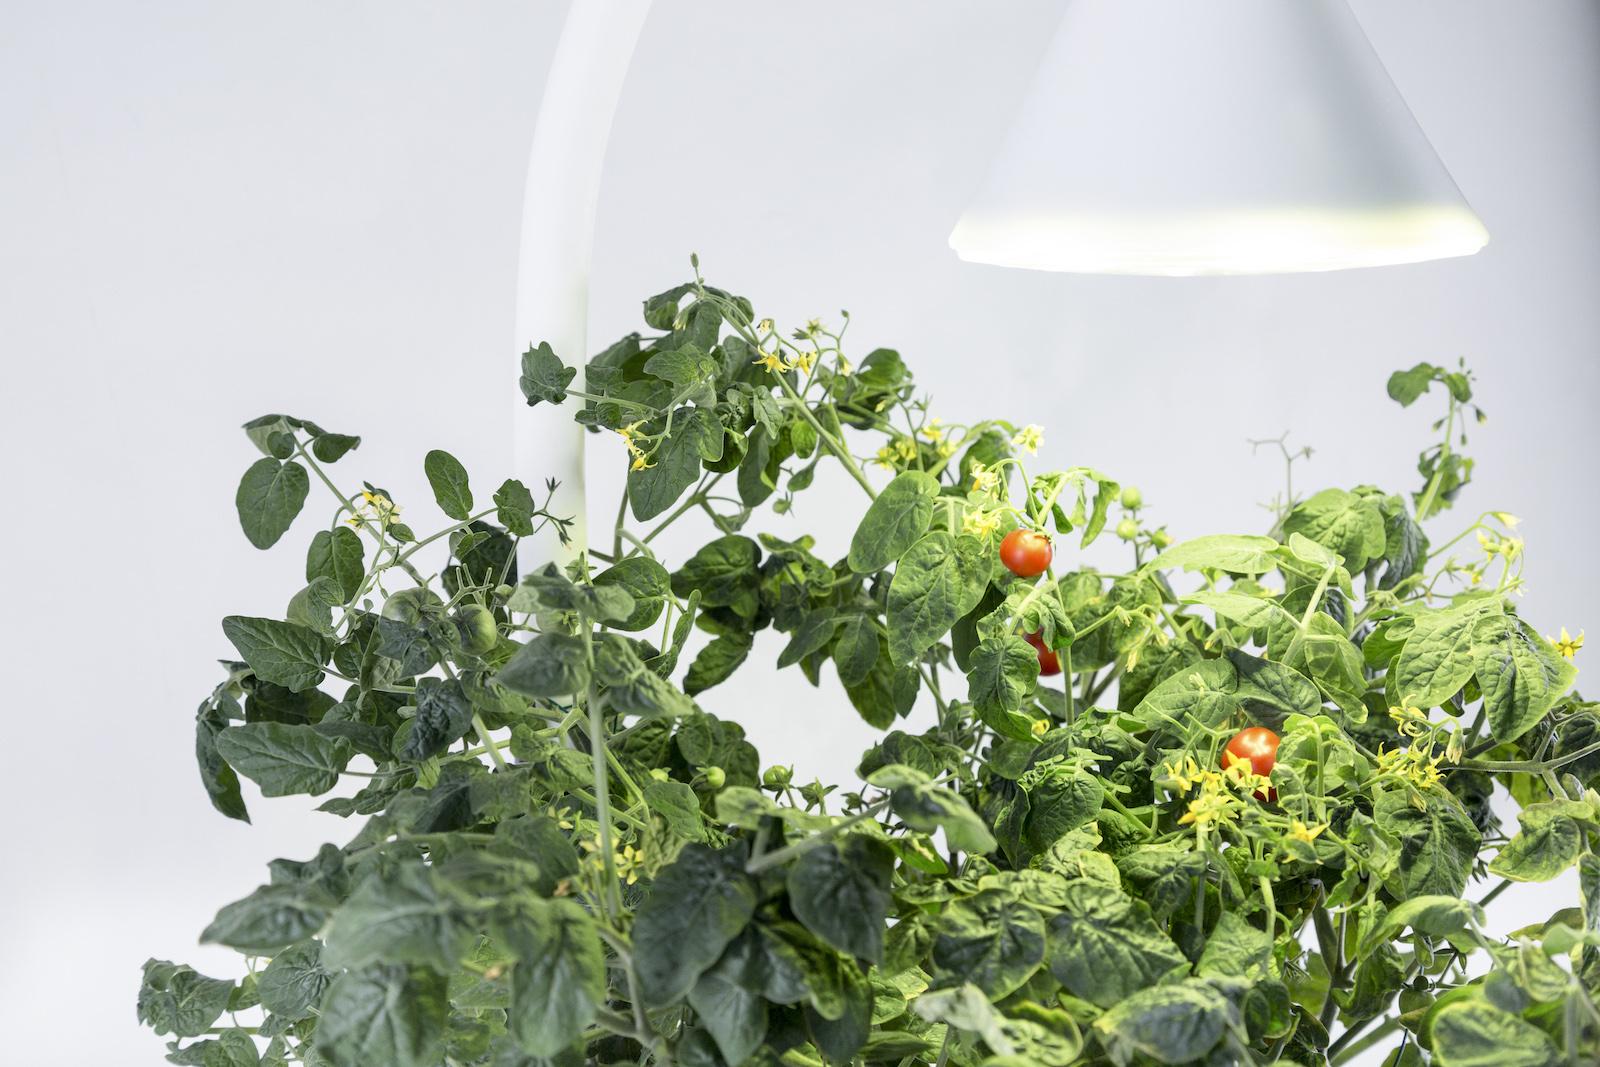 sproutsio_kickstarter-tomato